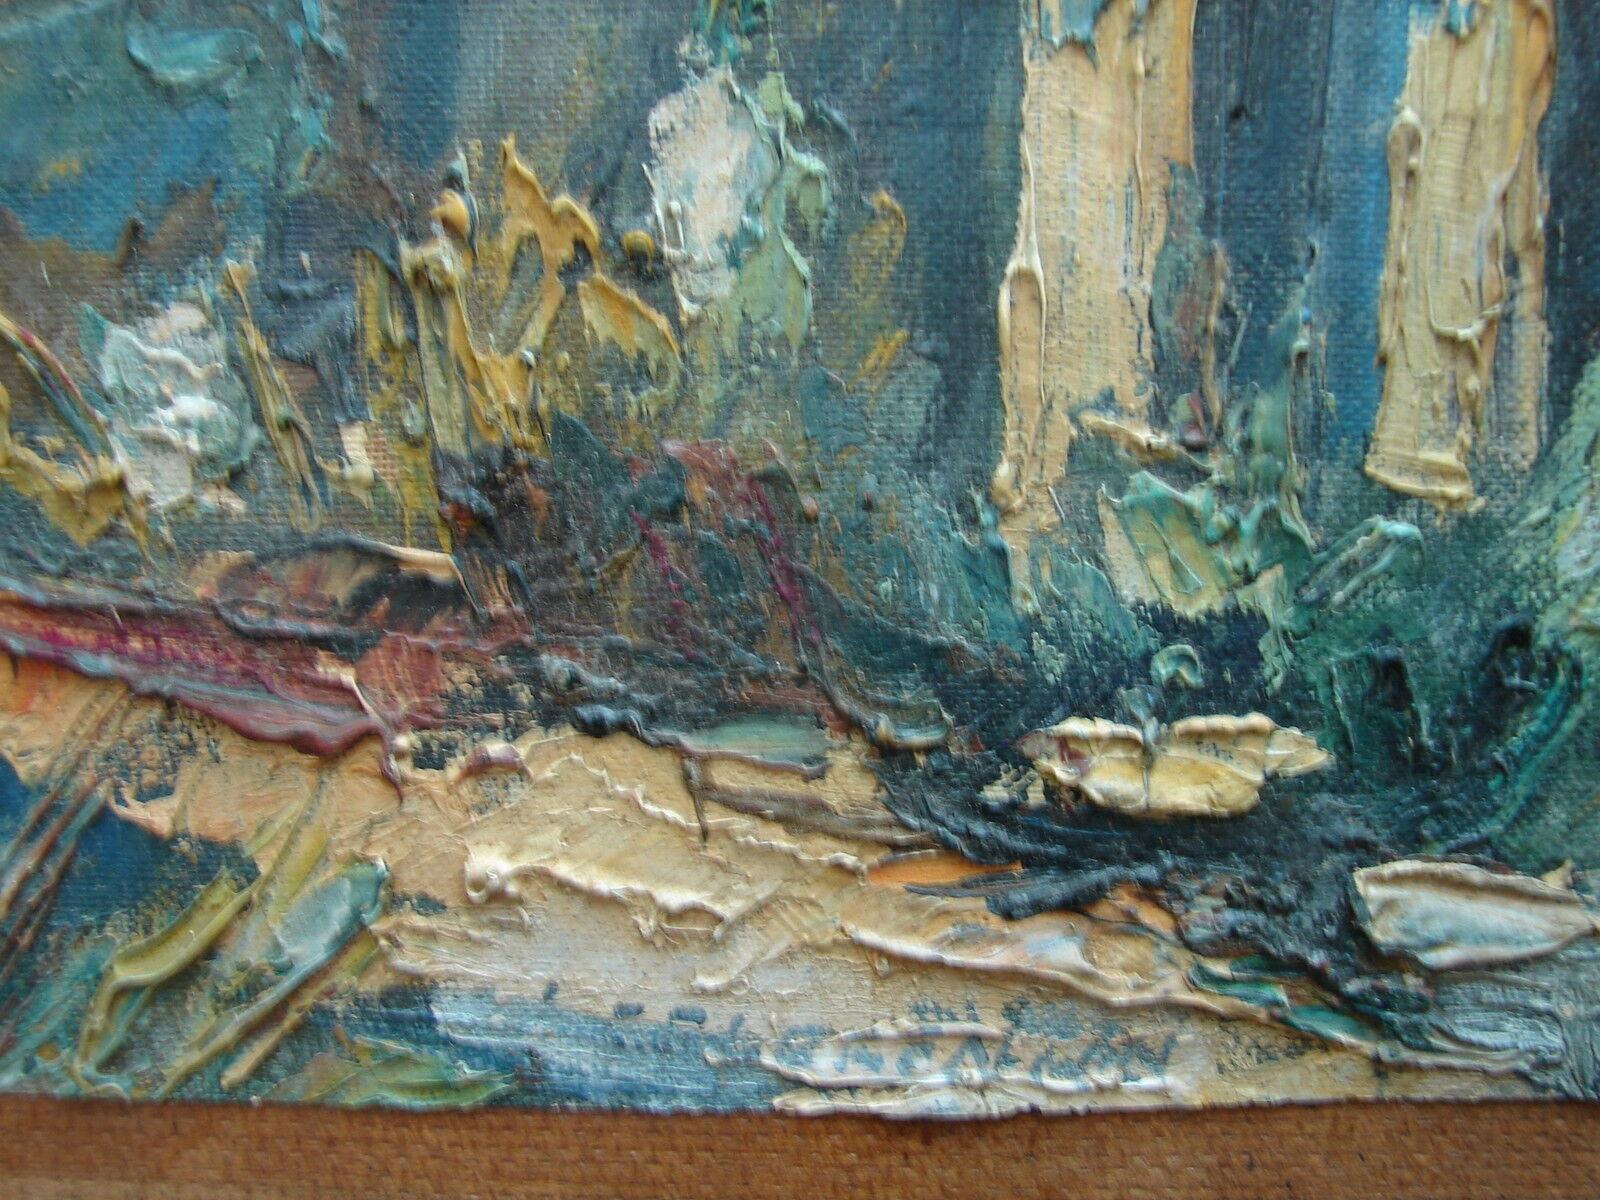 Peindre Sur Ancienne Peinture Conceptions De La Maison Bizokocom - Peindre sur ancienne peinture